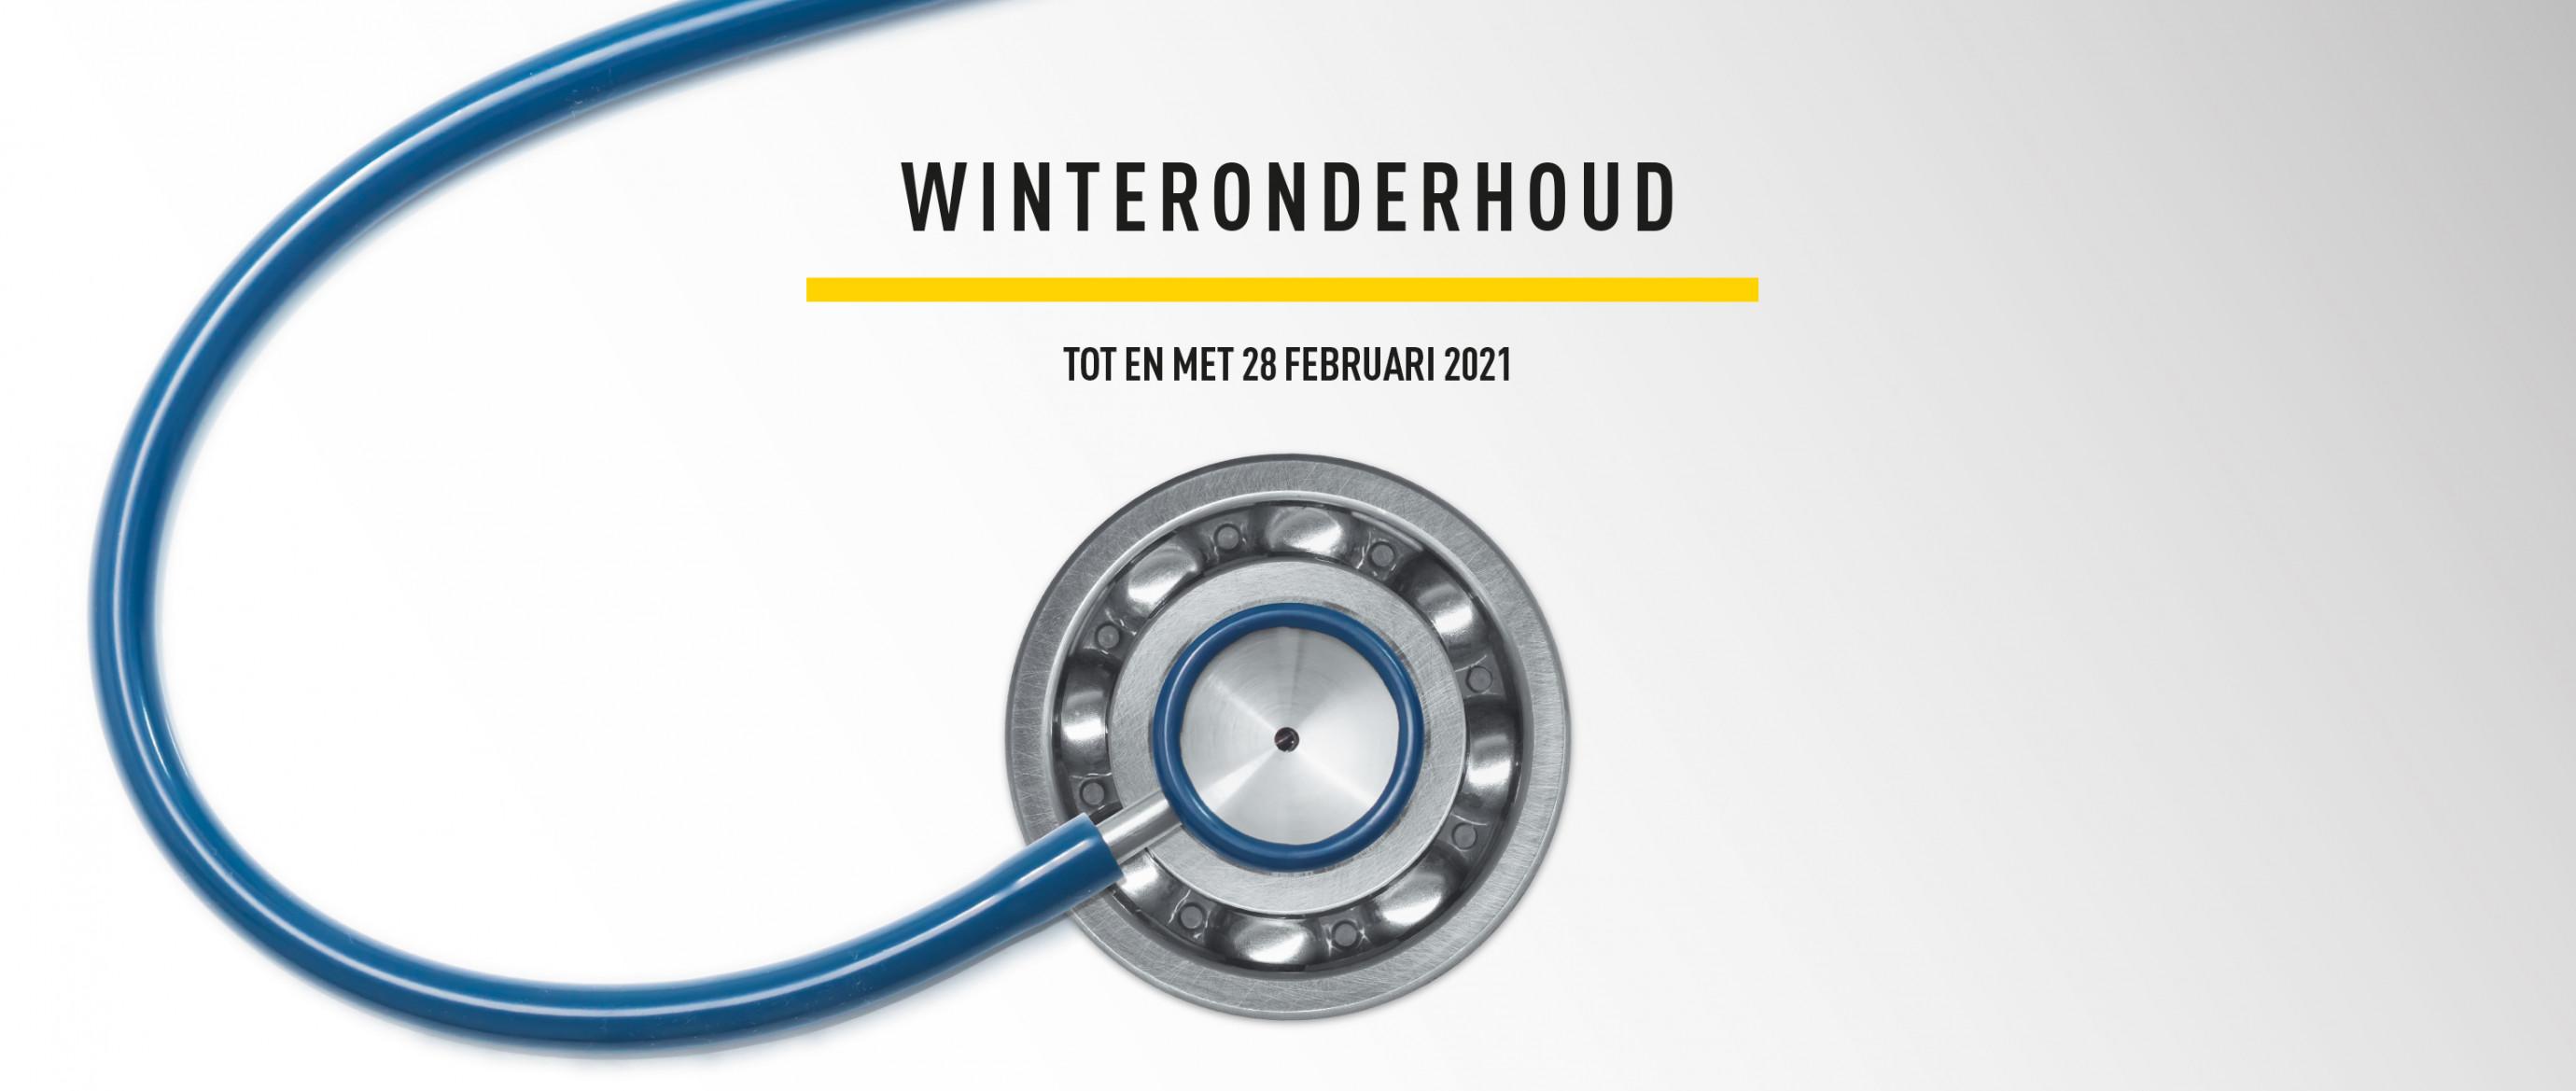 winteronderhoud-nl.jpg